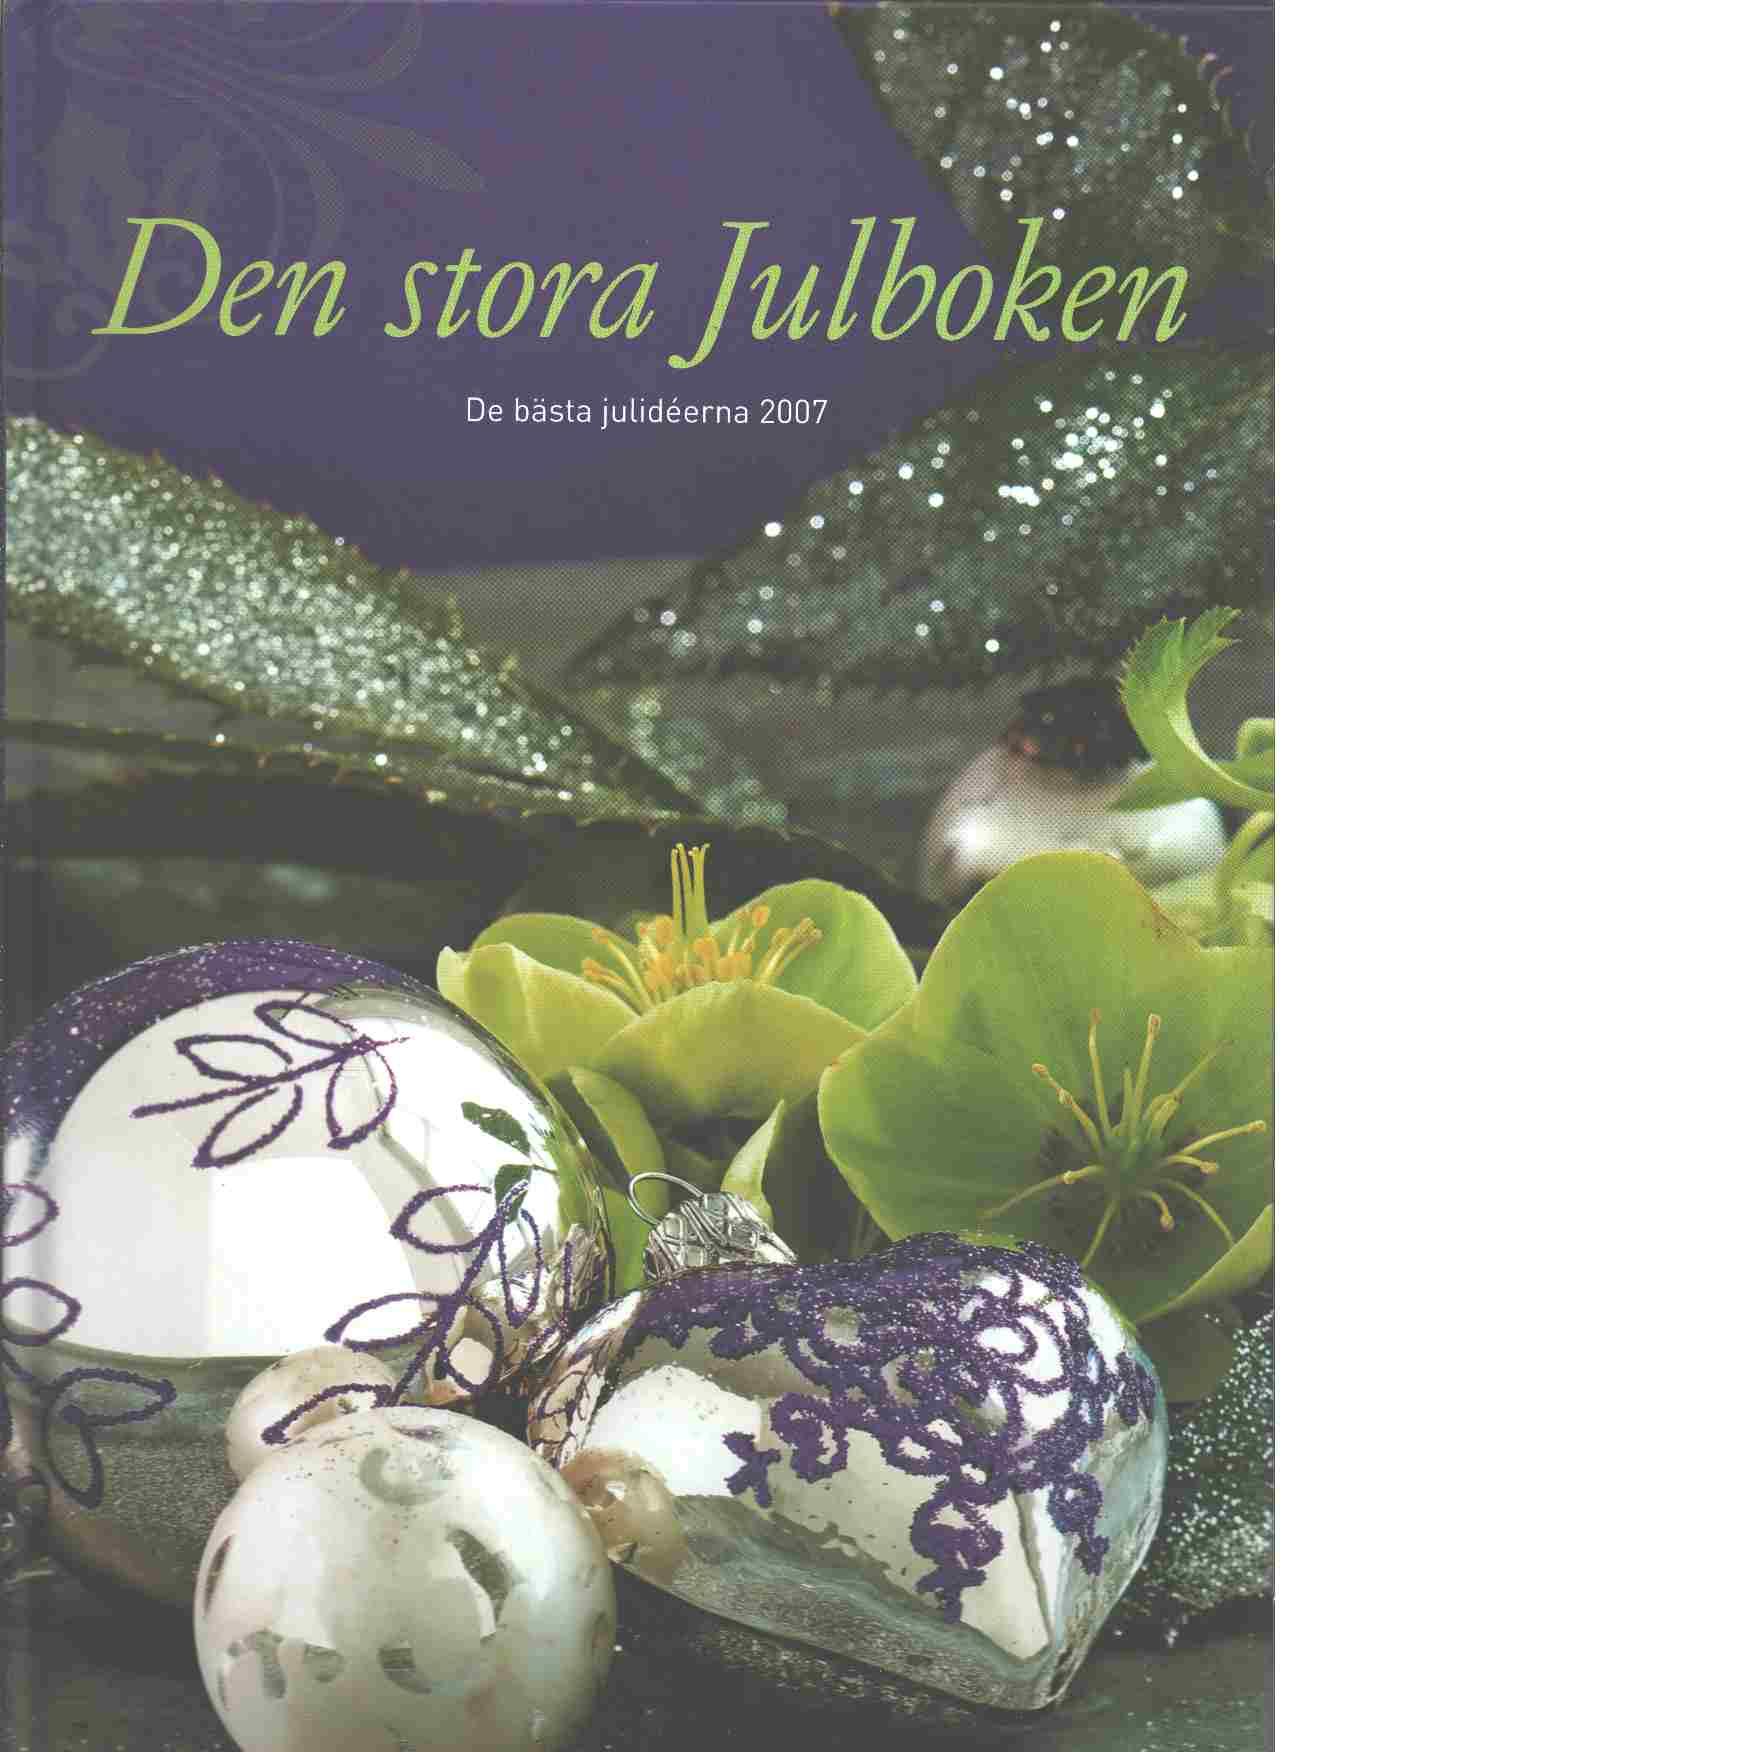 Den stora julboken - De bästa julideerna  2007 - Red.